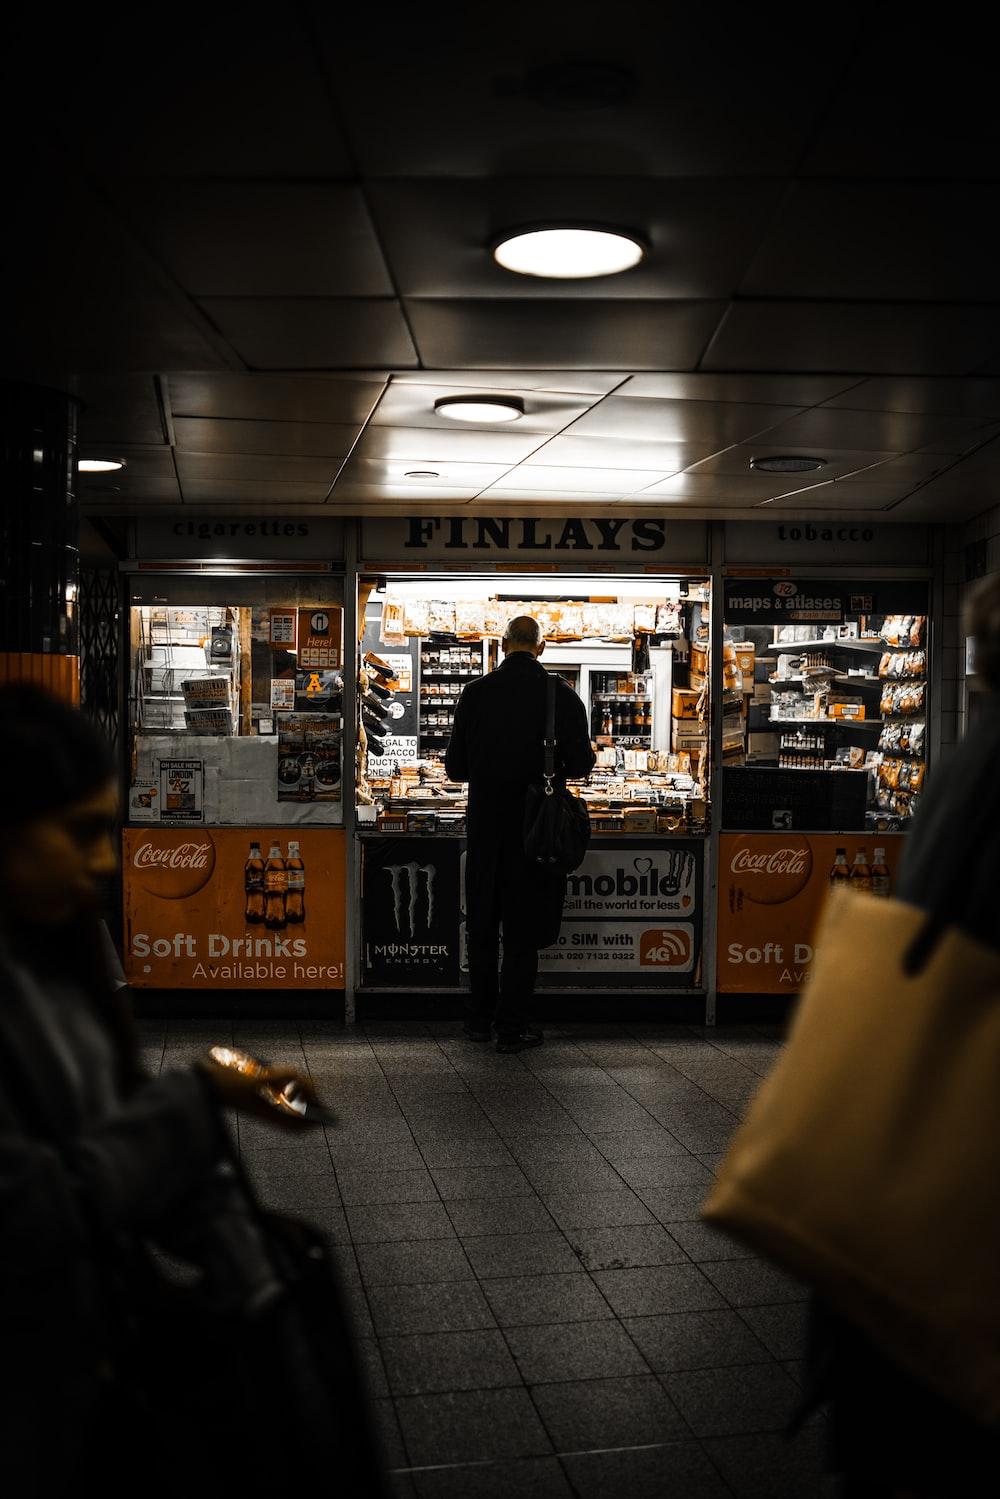 man standing beside food kart